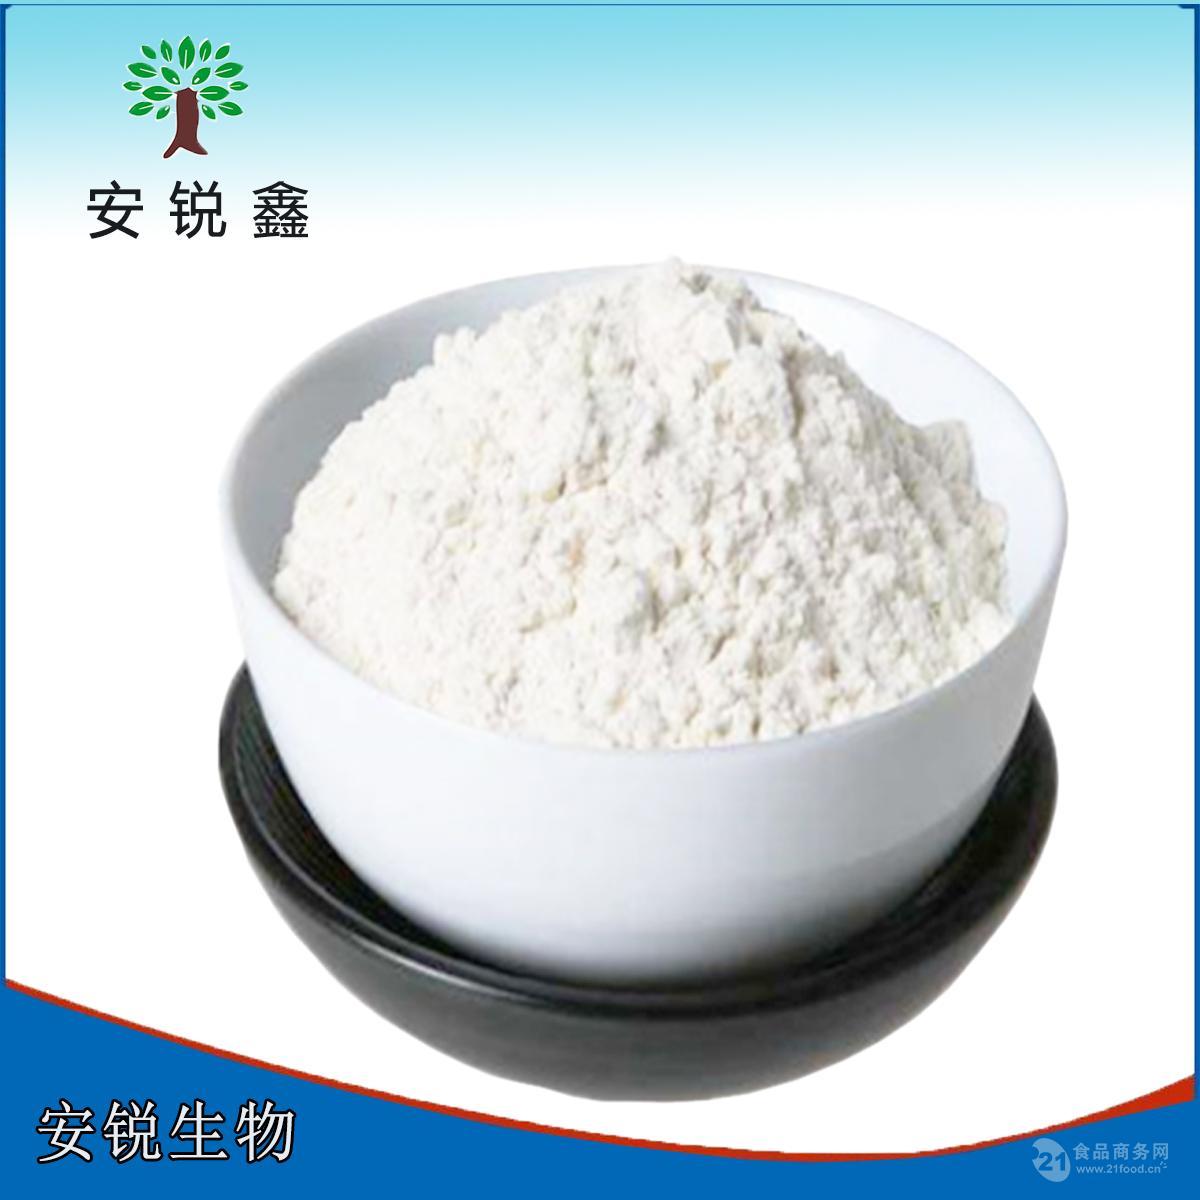 厂家 食品级高粘瓜尔豆胶 复配增稠剂